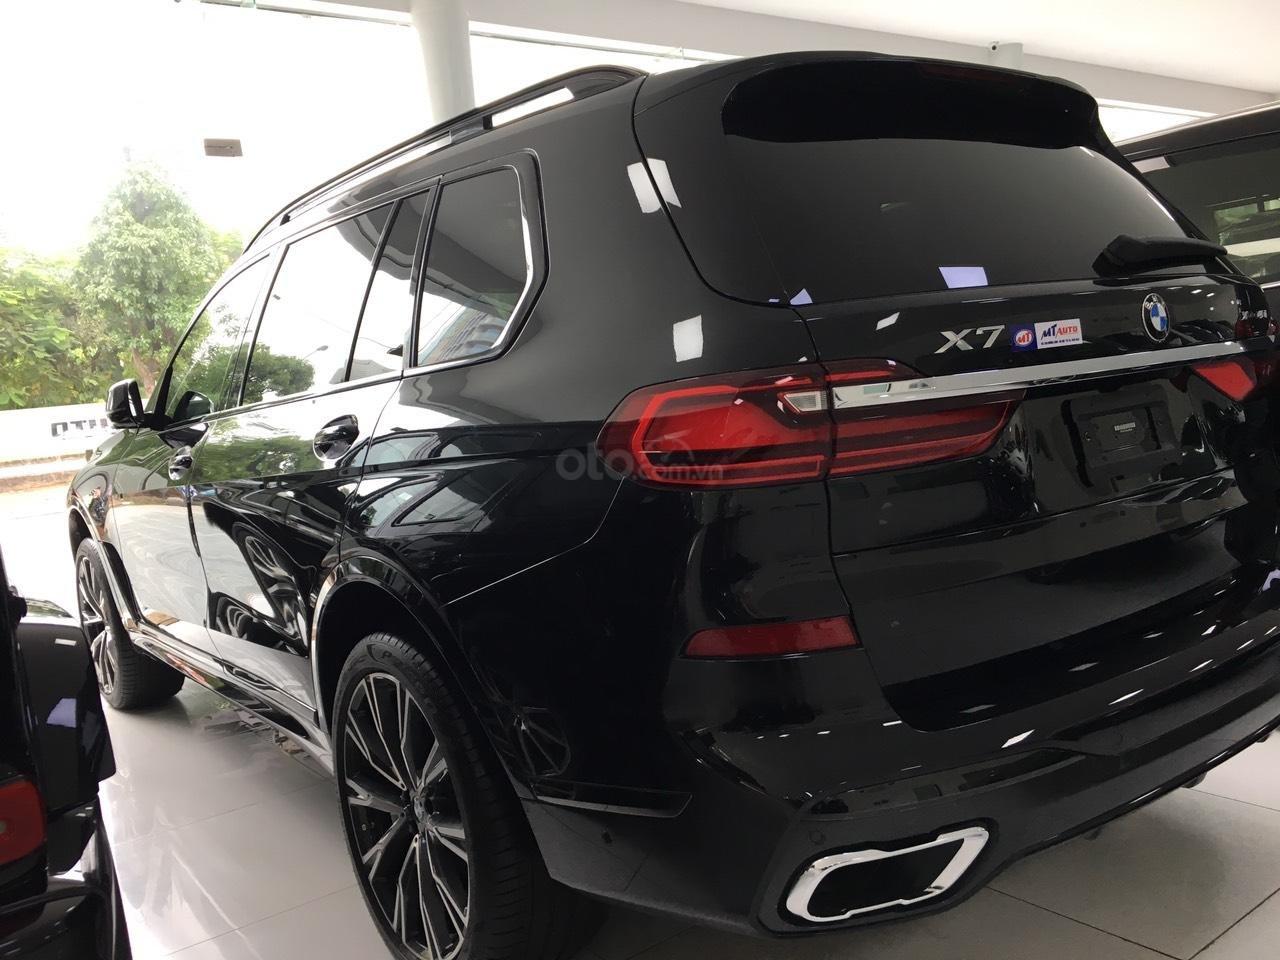 Bán BMW X7 xDrive 40i đời 2020, nhập Mỹ, giao ngay toàn quốc, giá tốt, LH 0945.39.2468 Ms Hương (10)